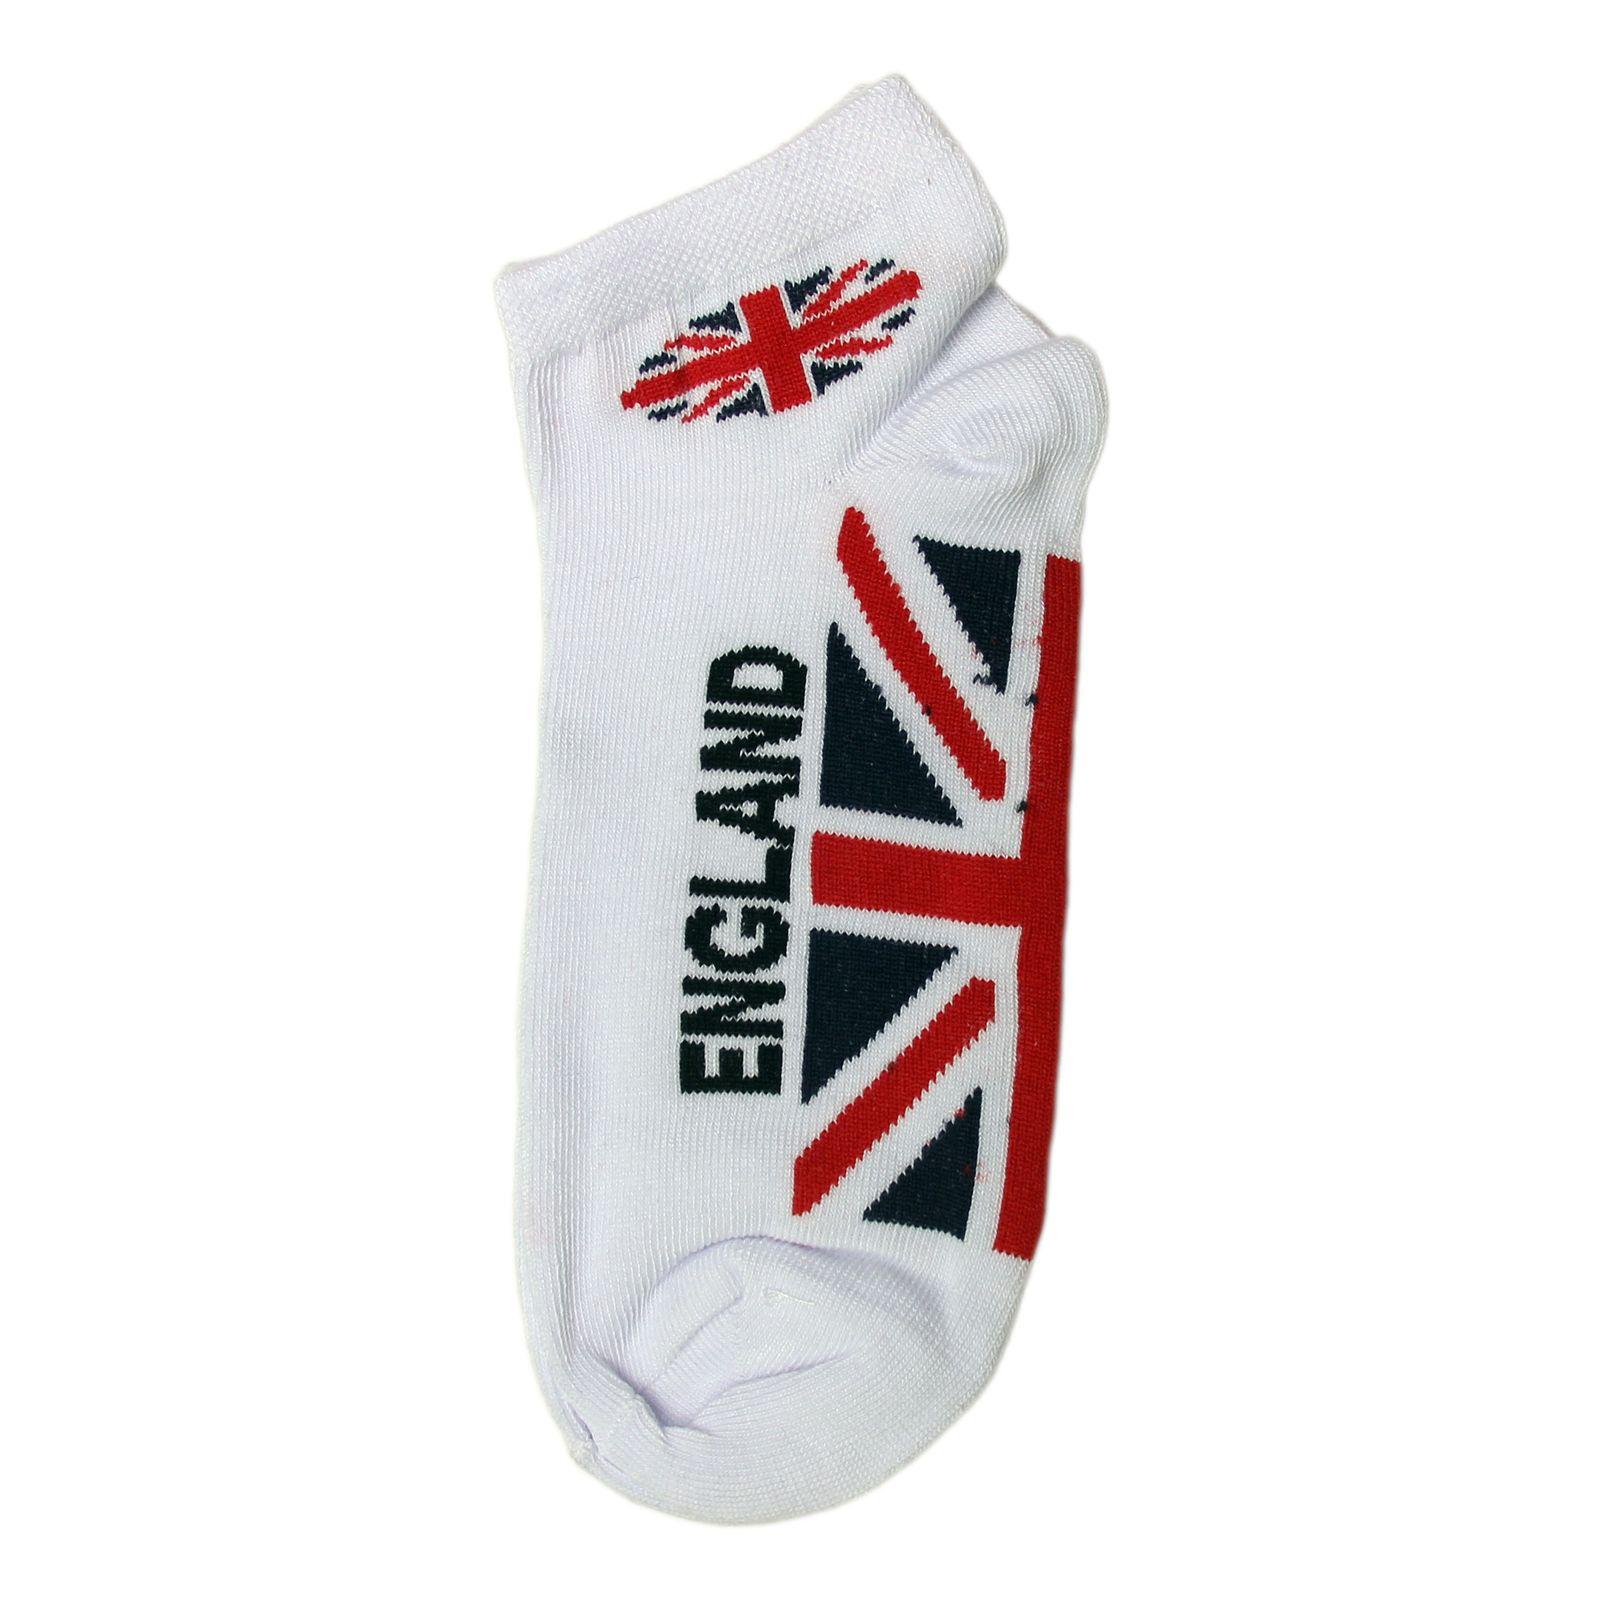 جوراب مردانه کد 023 -  - 4